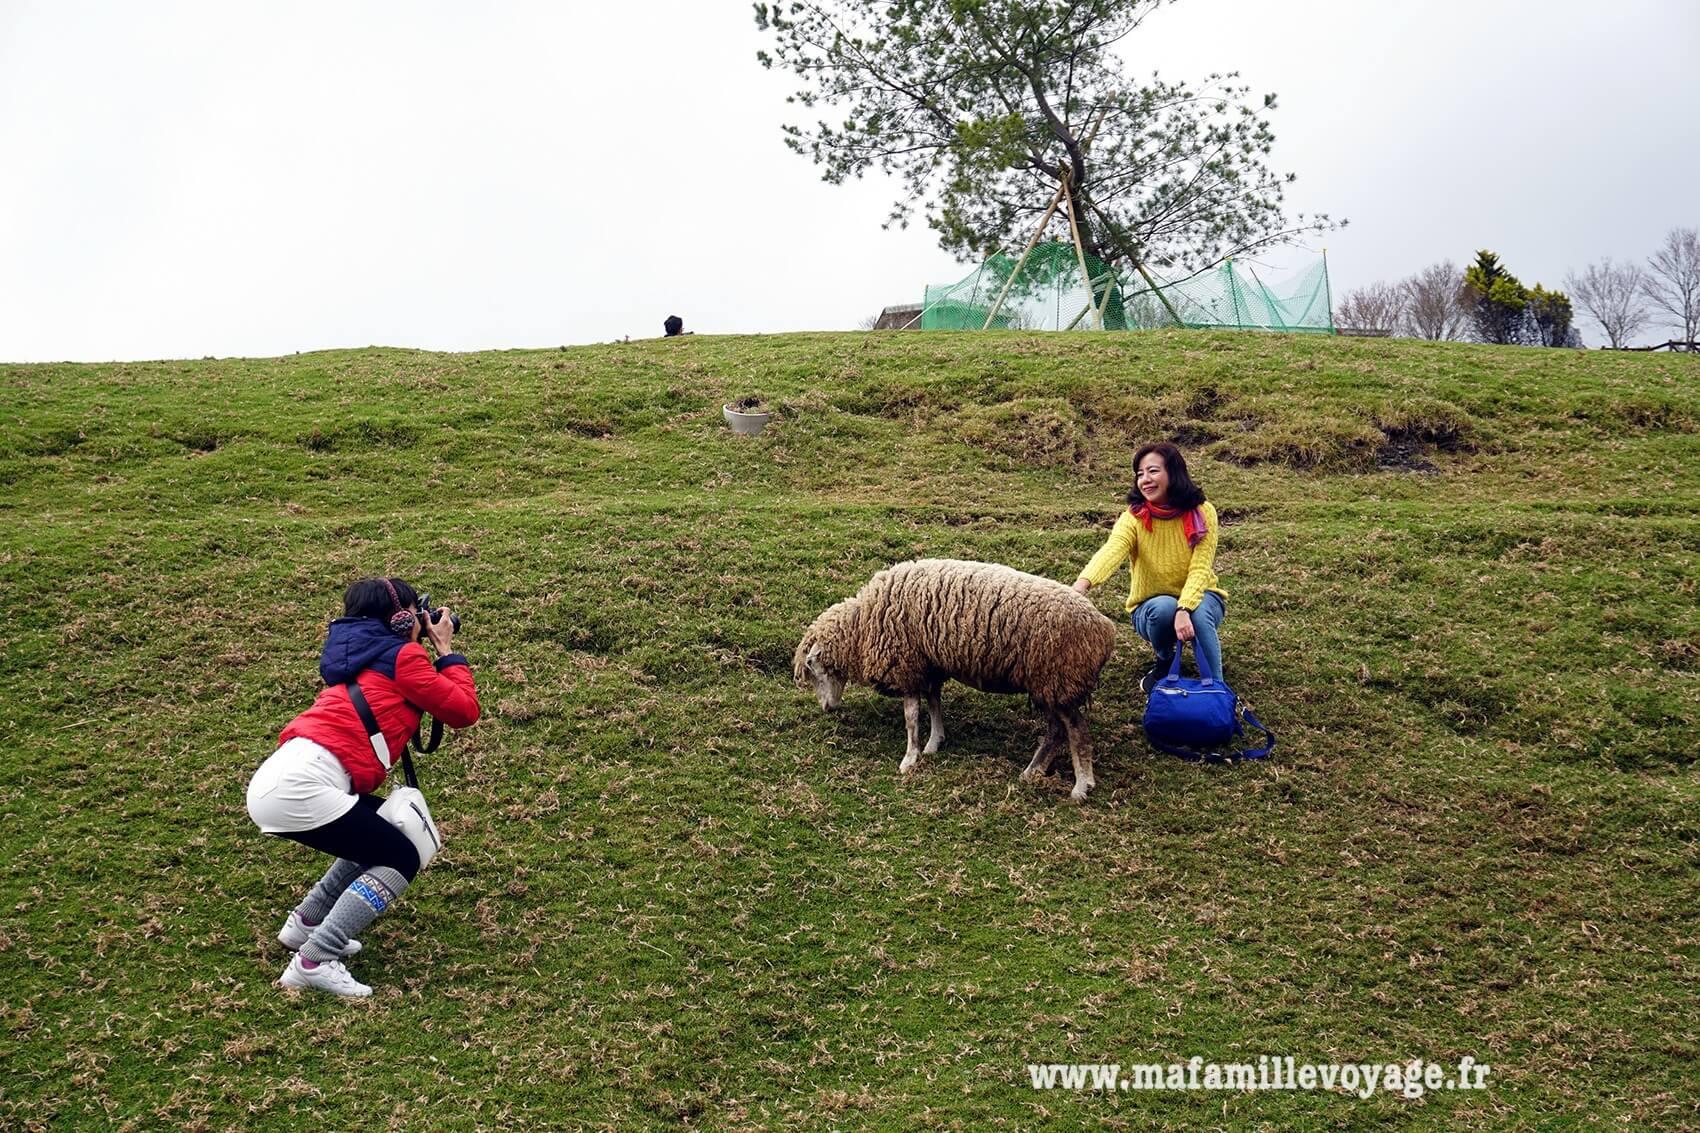 La photo souvenir avec le mouton. Indispensable ! :D